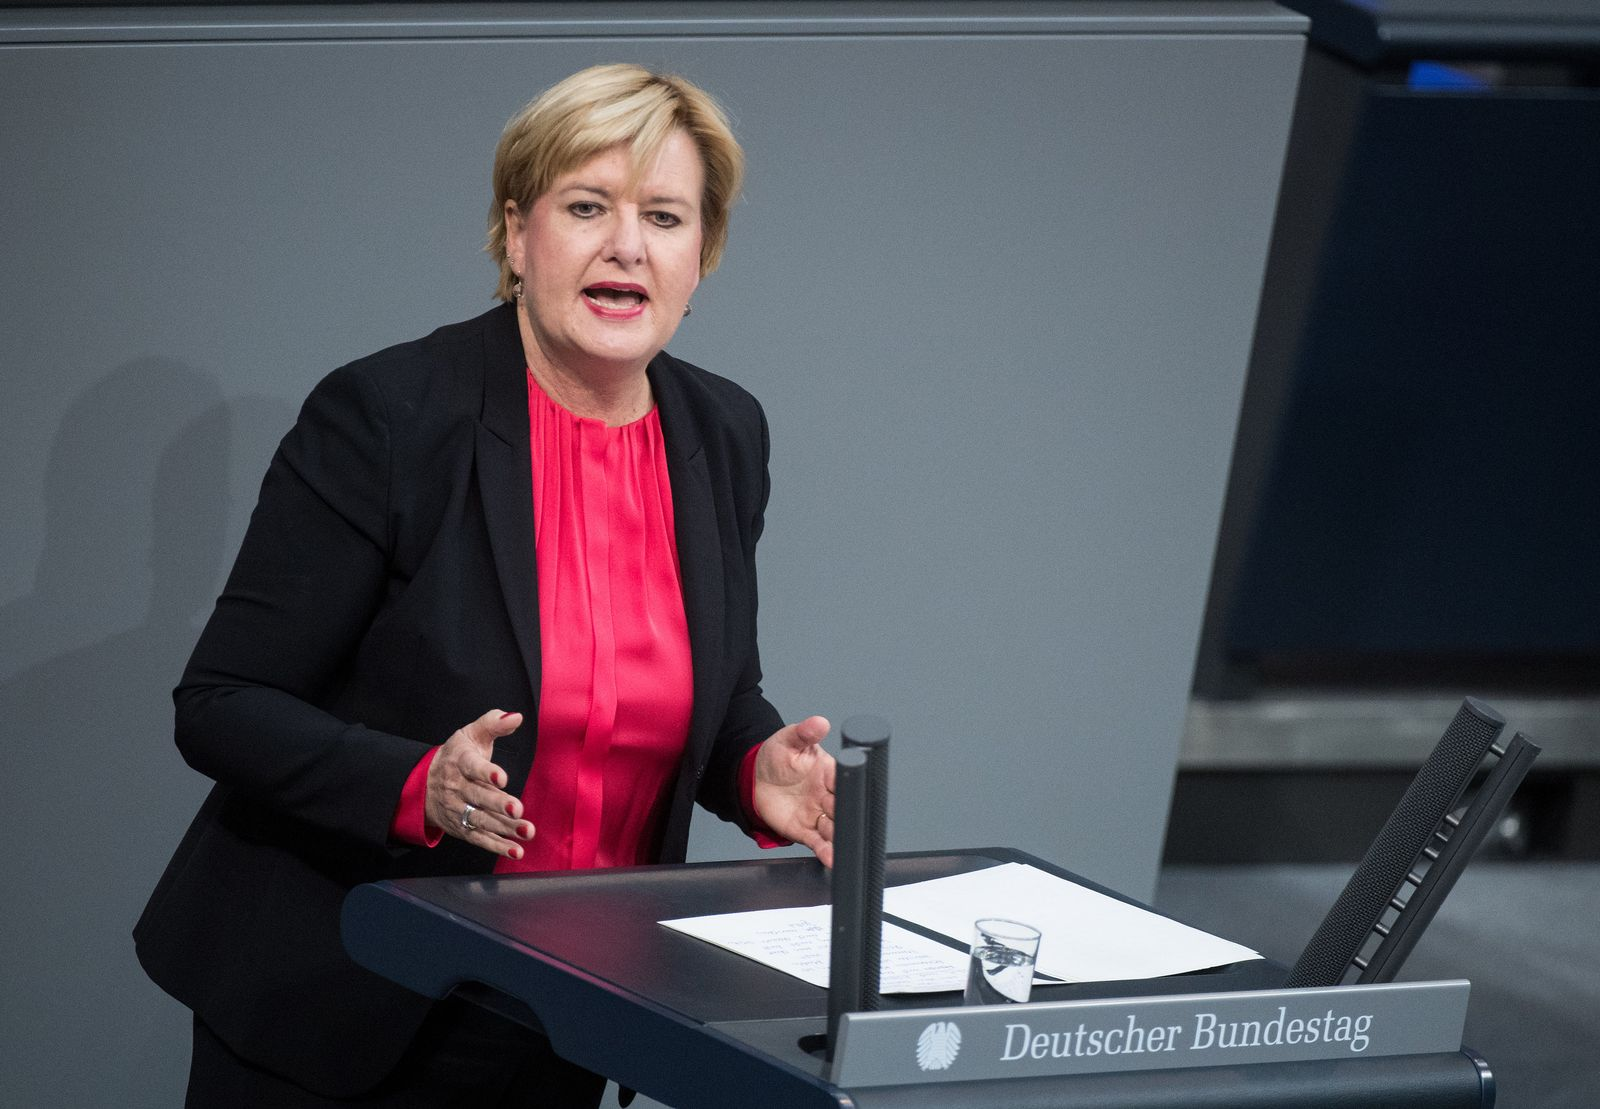 Bundestag/ Eva Högl/ SPD/ Twitter